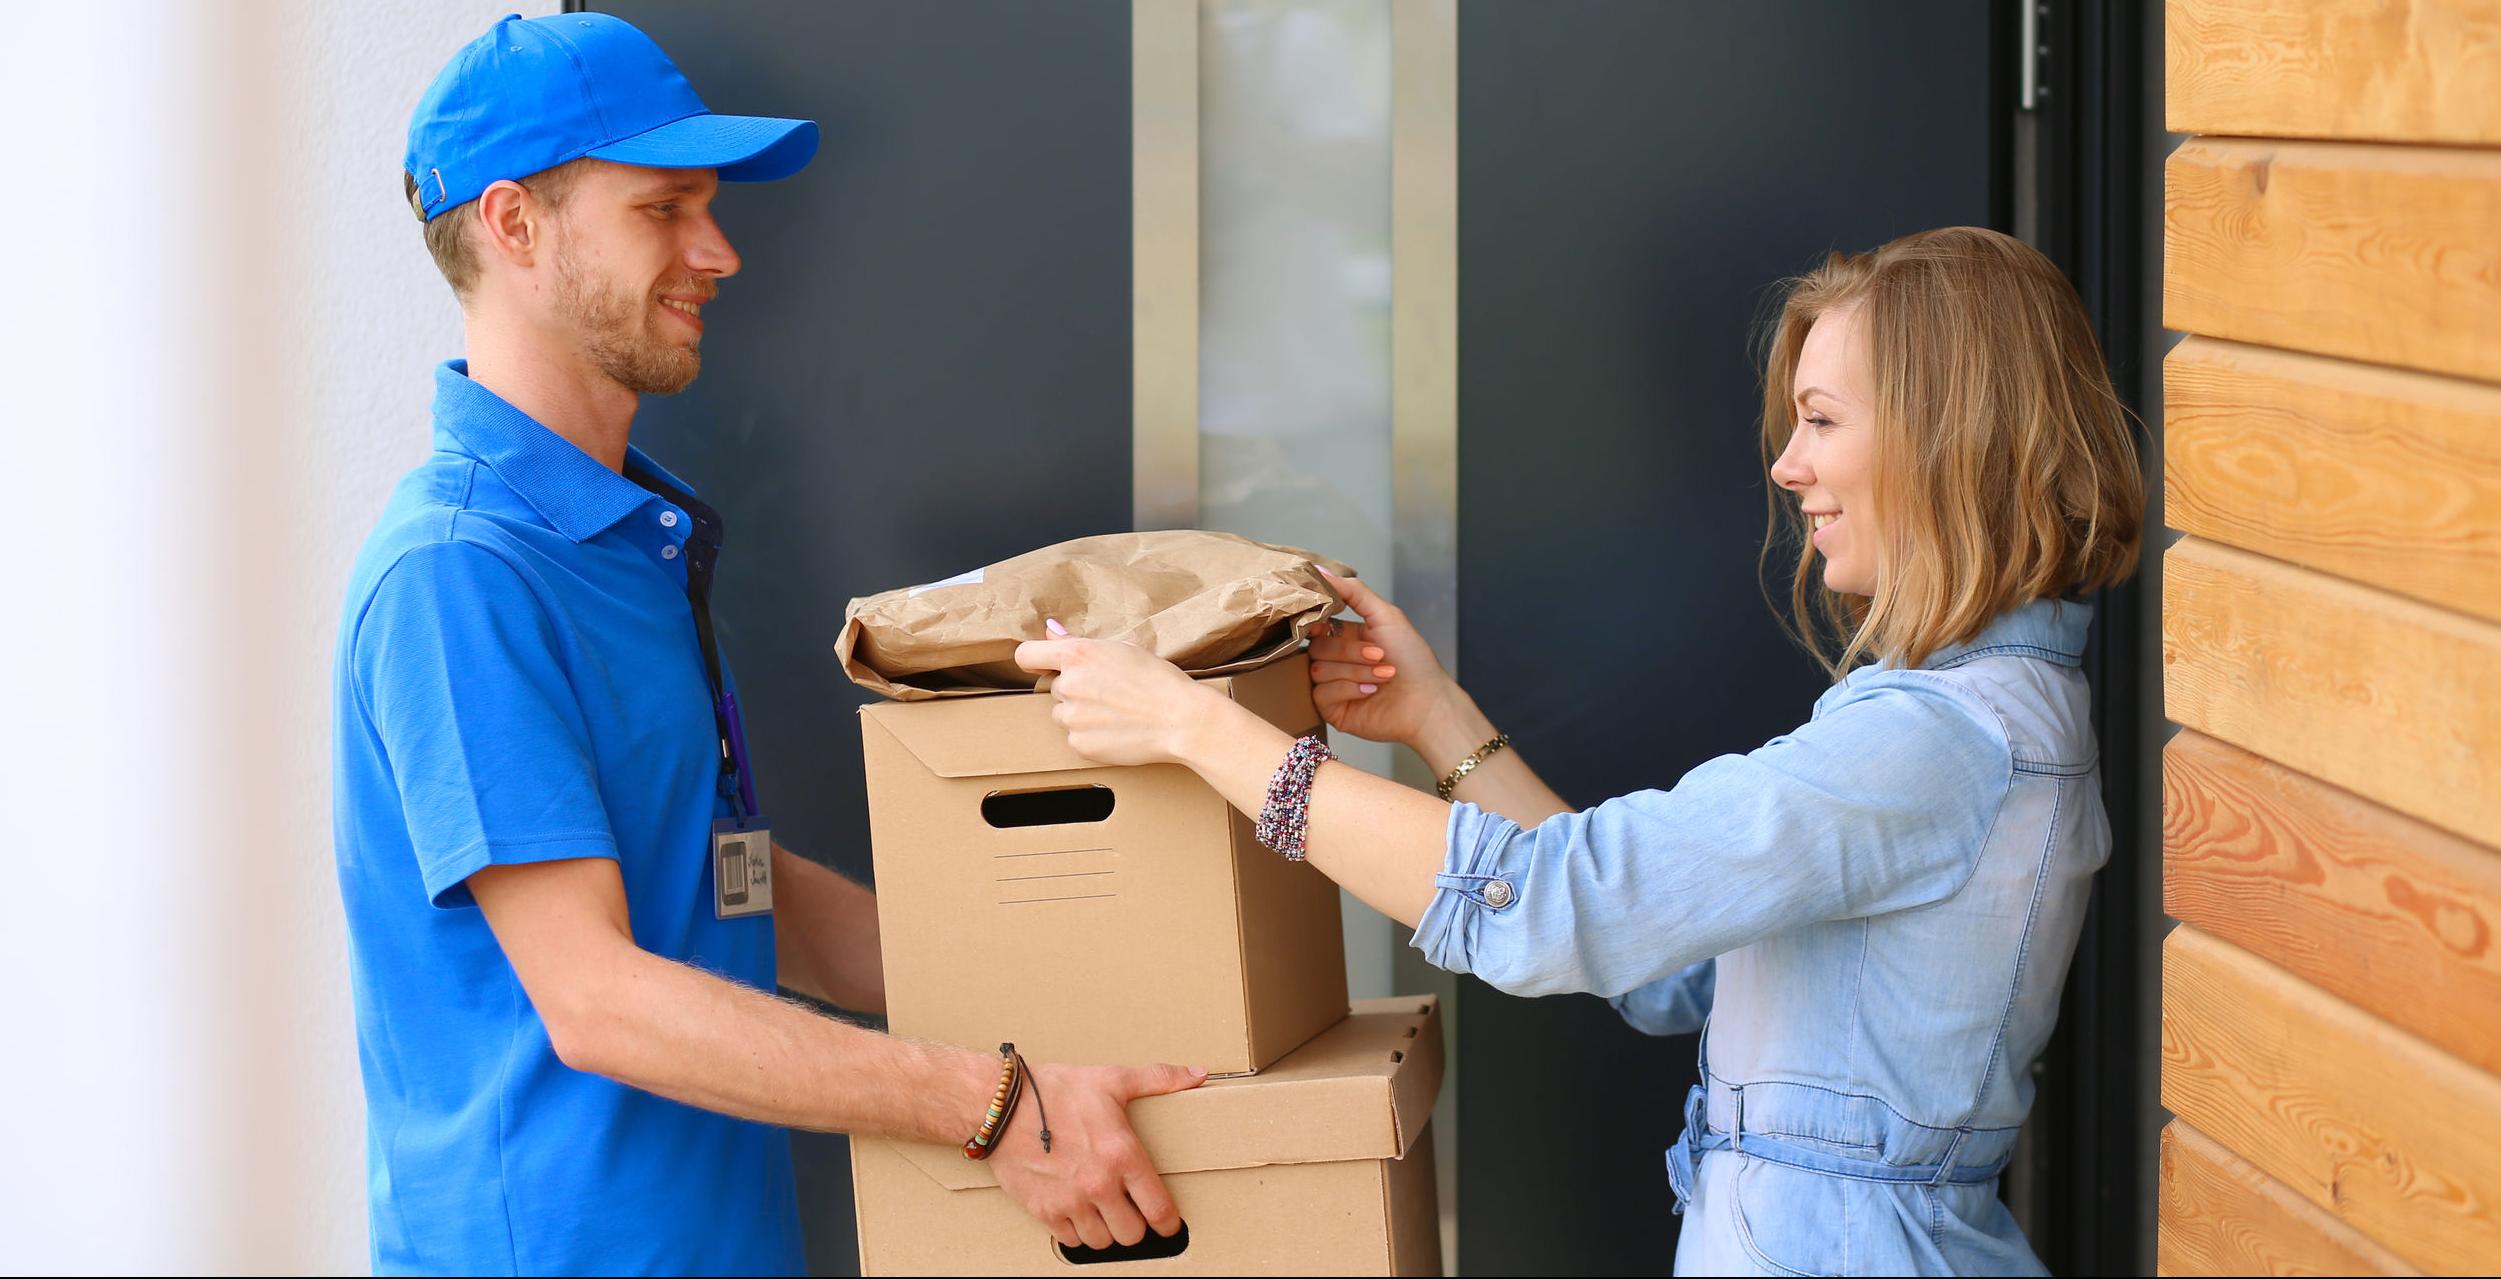 Egy nő világoskék ruhában két papírdobozt vesz át egy kék ruhás postástól.